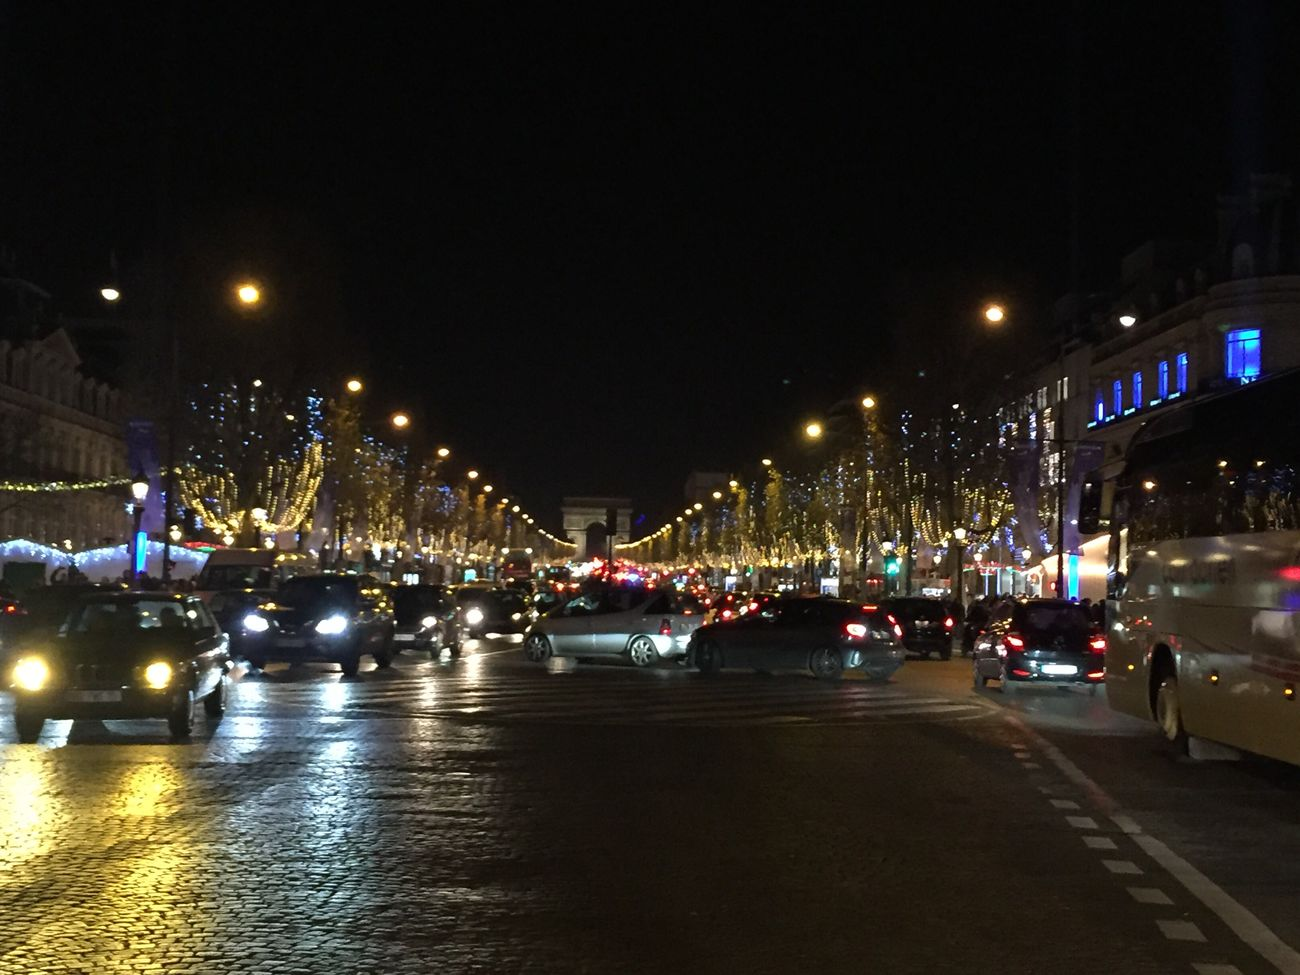 Paris Photography Night Road Enjoying Life Eyem Best Shots Illuminated City Eyemphotography